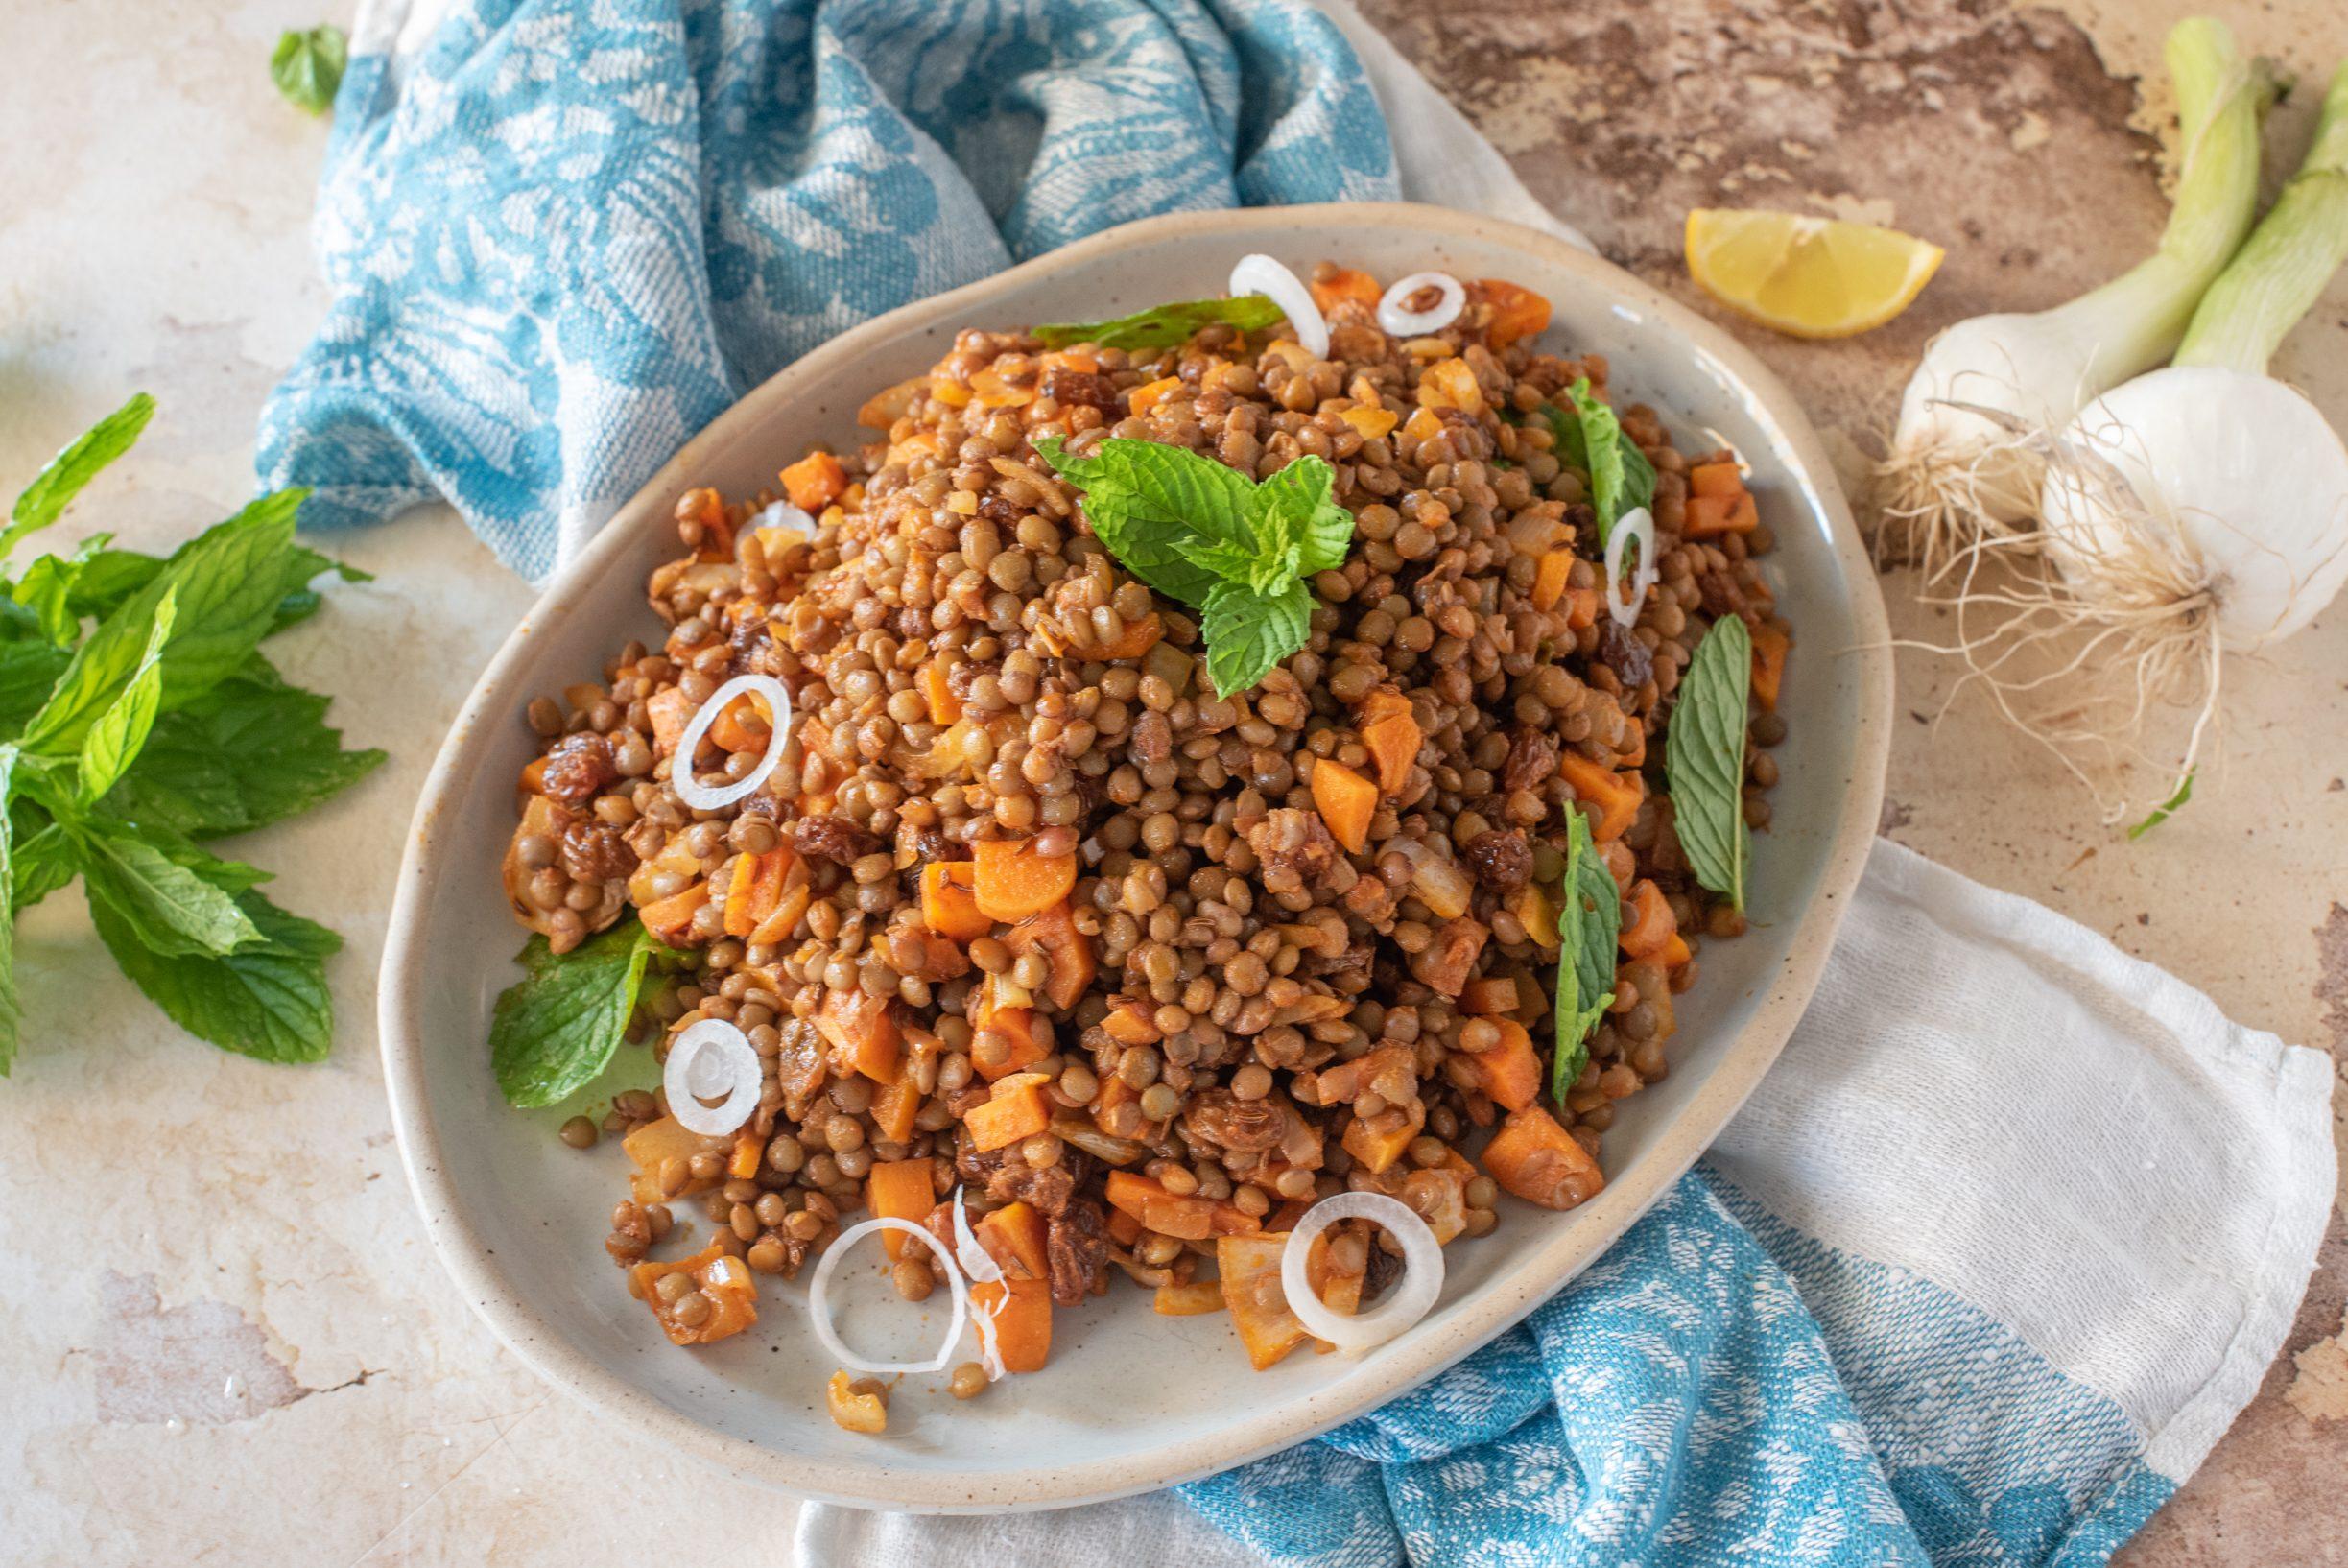 Insalata di lenticchie alla marocchina: la ricetta del piatto estivo e mediterraneo